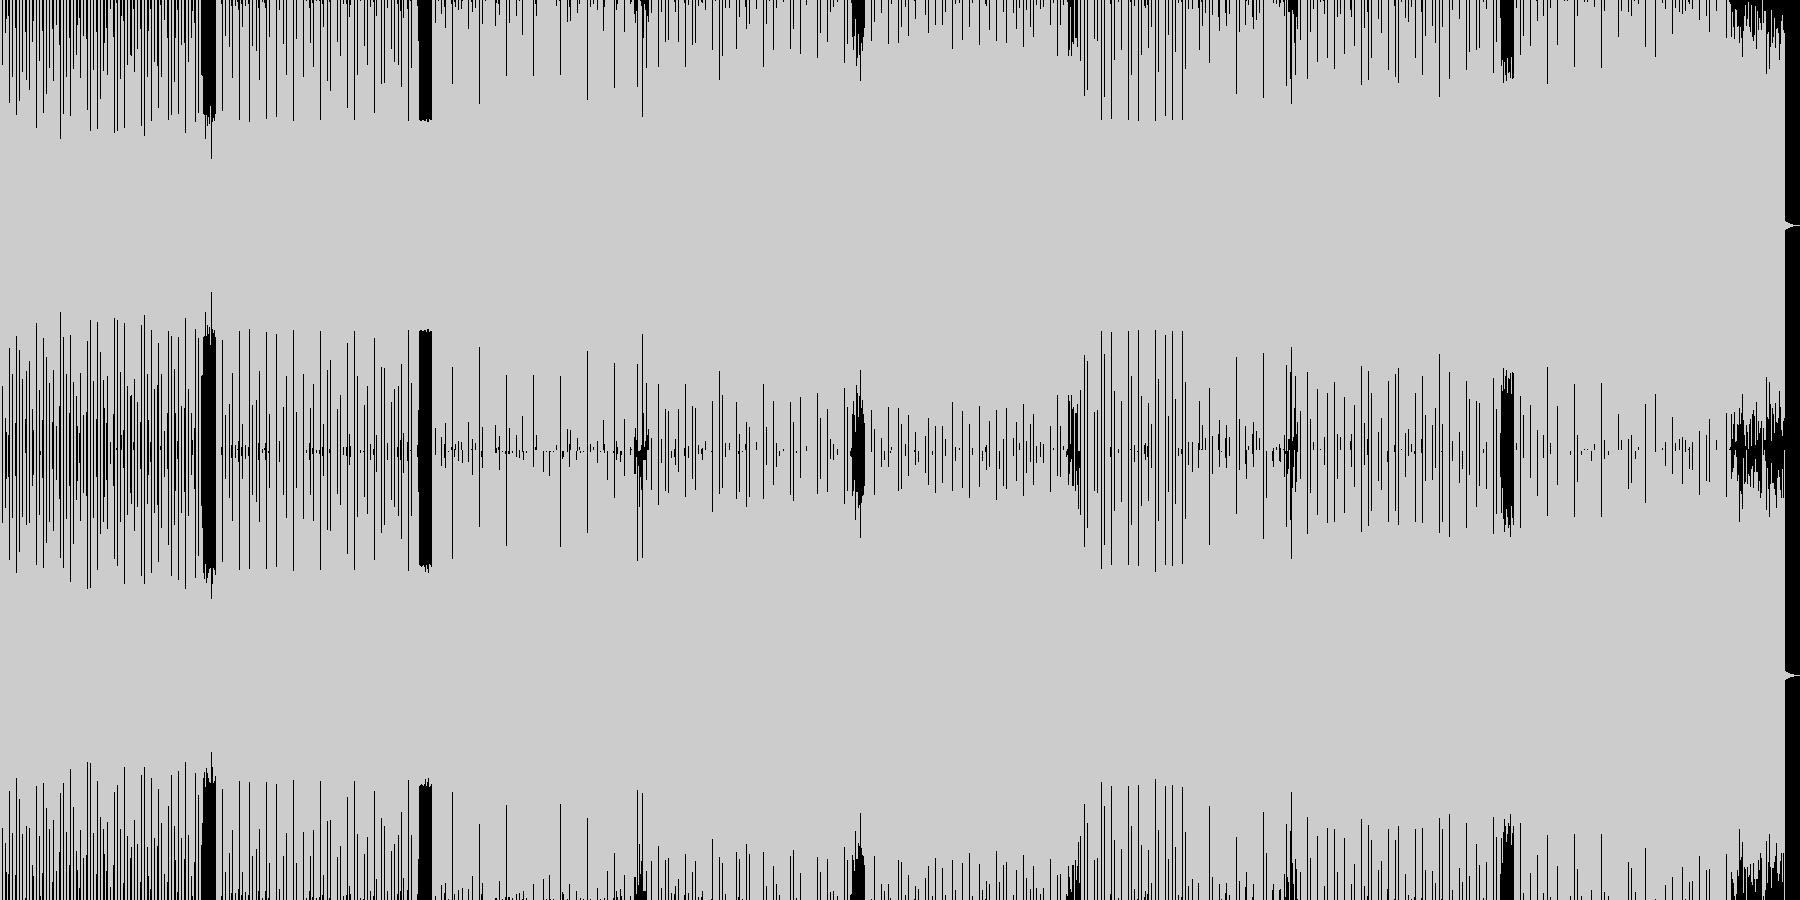 かっこよさを追求したダンステクノの未再生の波形